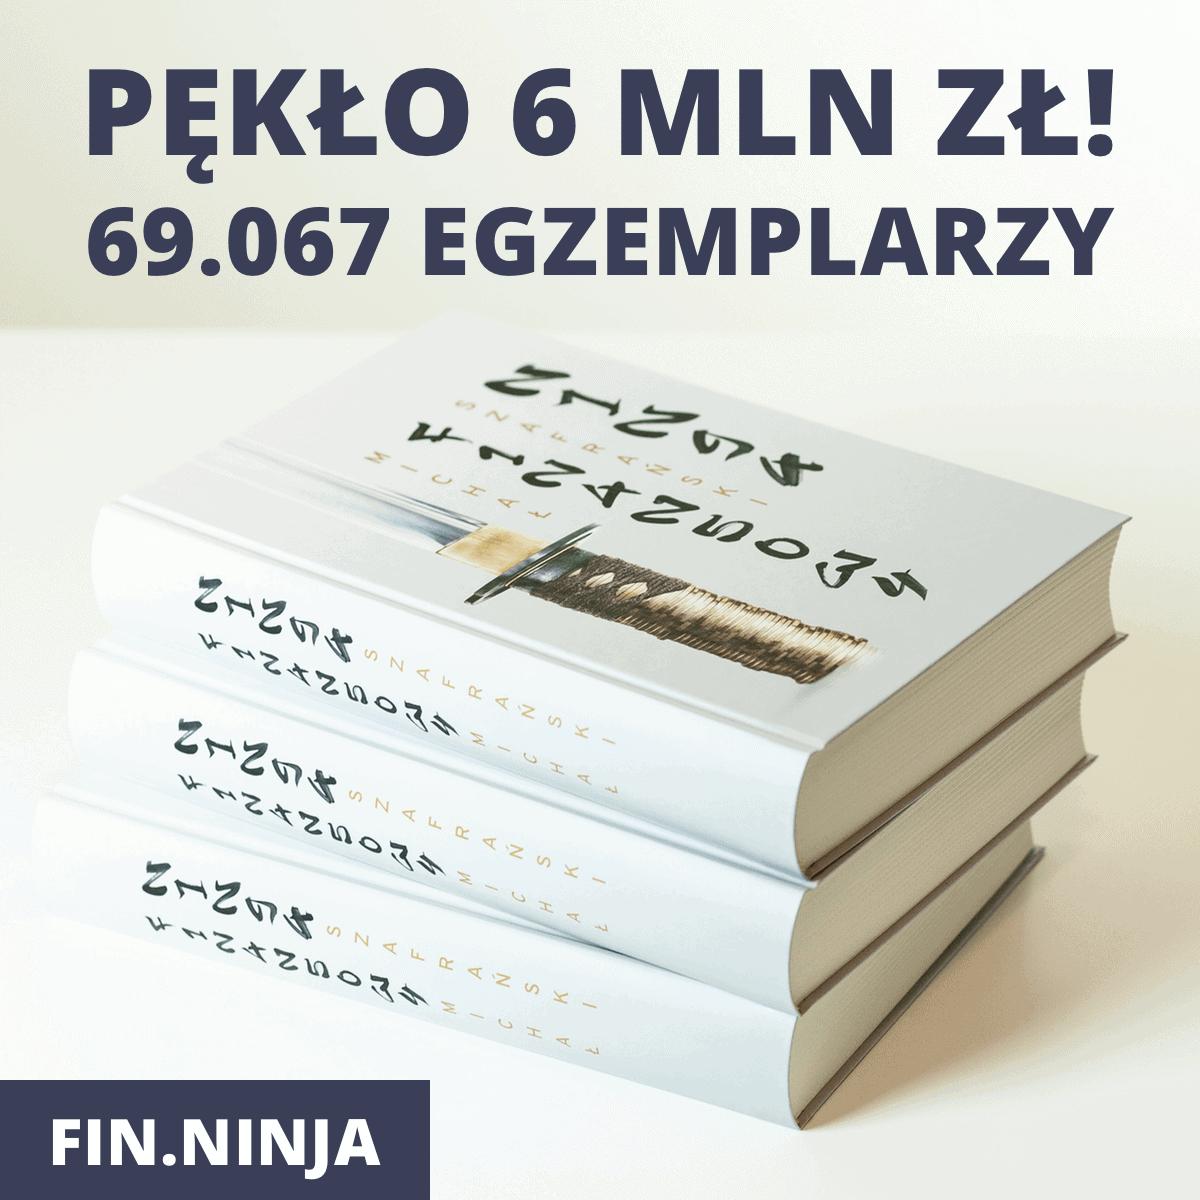 69.067 sztuk FinNinja